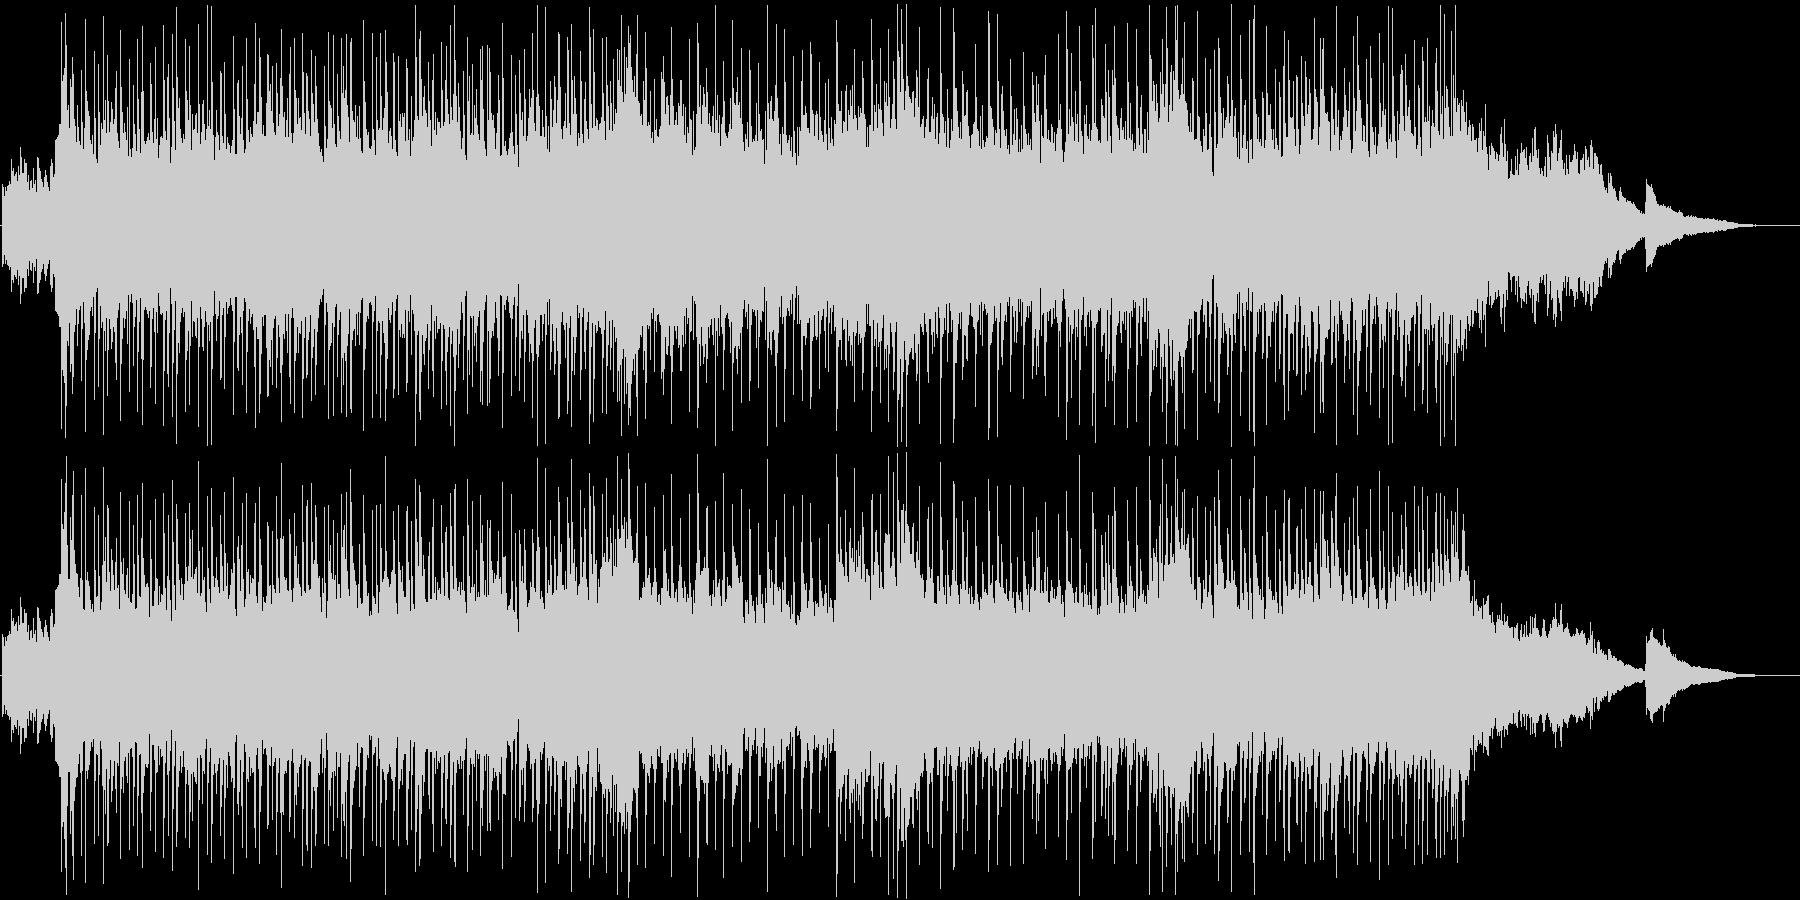 ギターとピアノをメインにした曲ですの未再生の波形